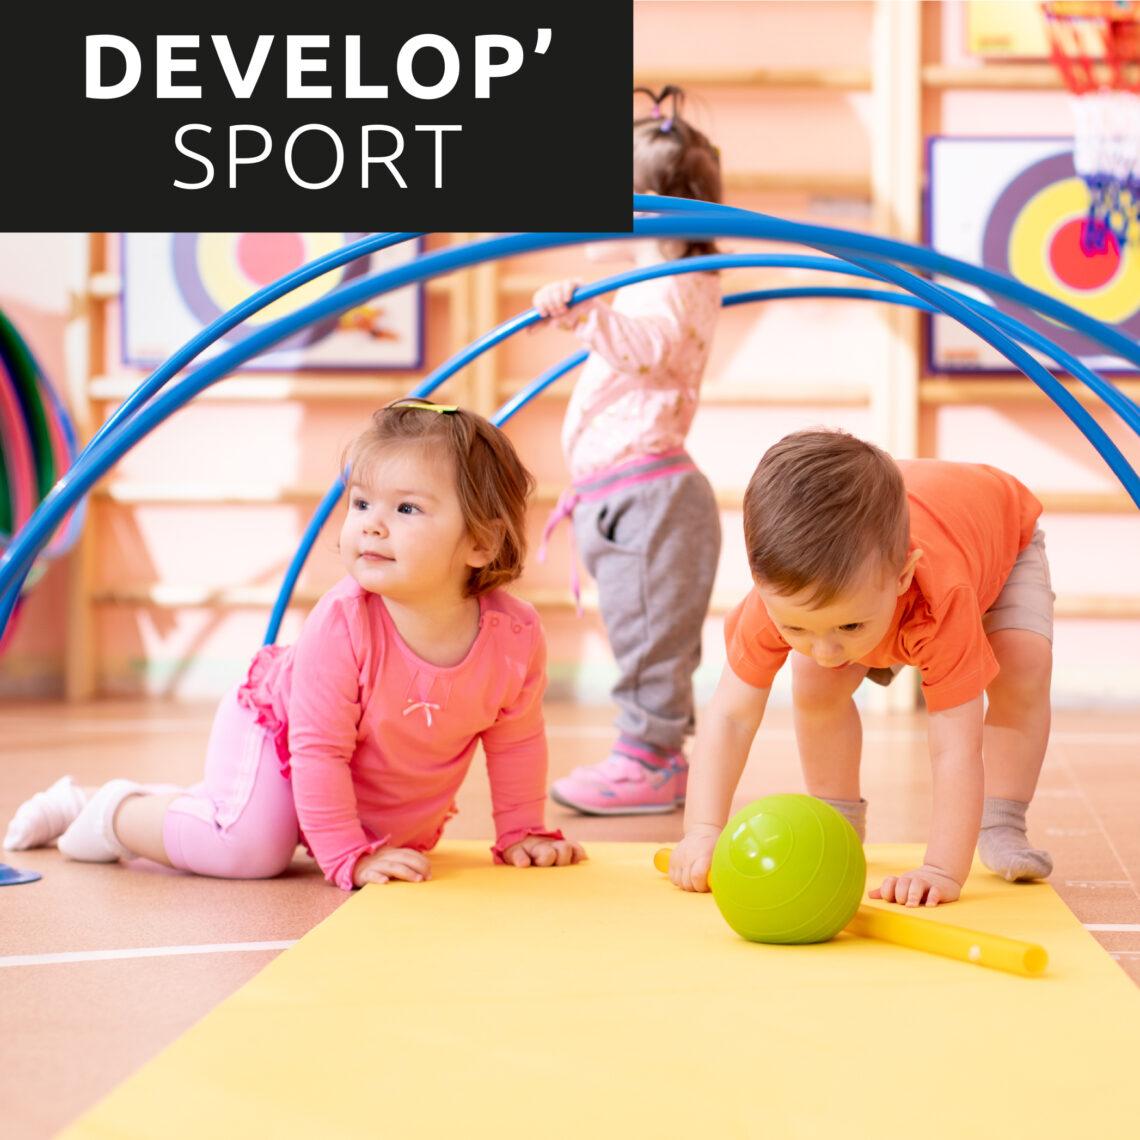 Régie Sportive Hutoise : Activité : DEVELOP'Sport